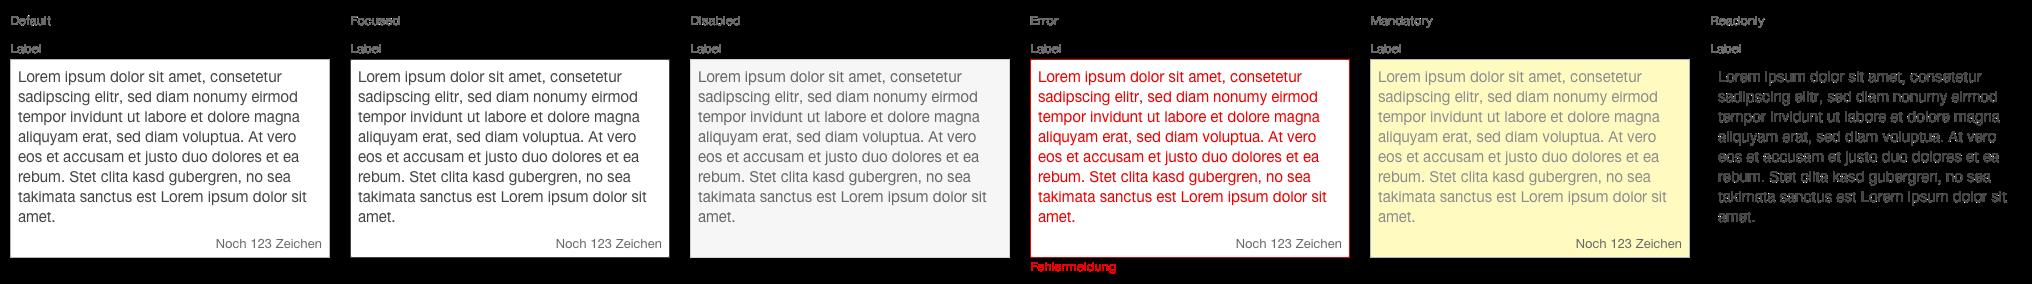 Darstellung der Komponente Textarea